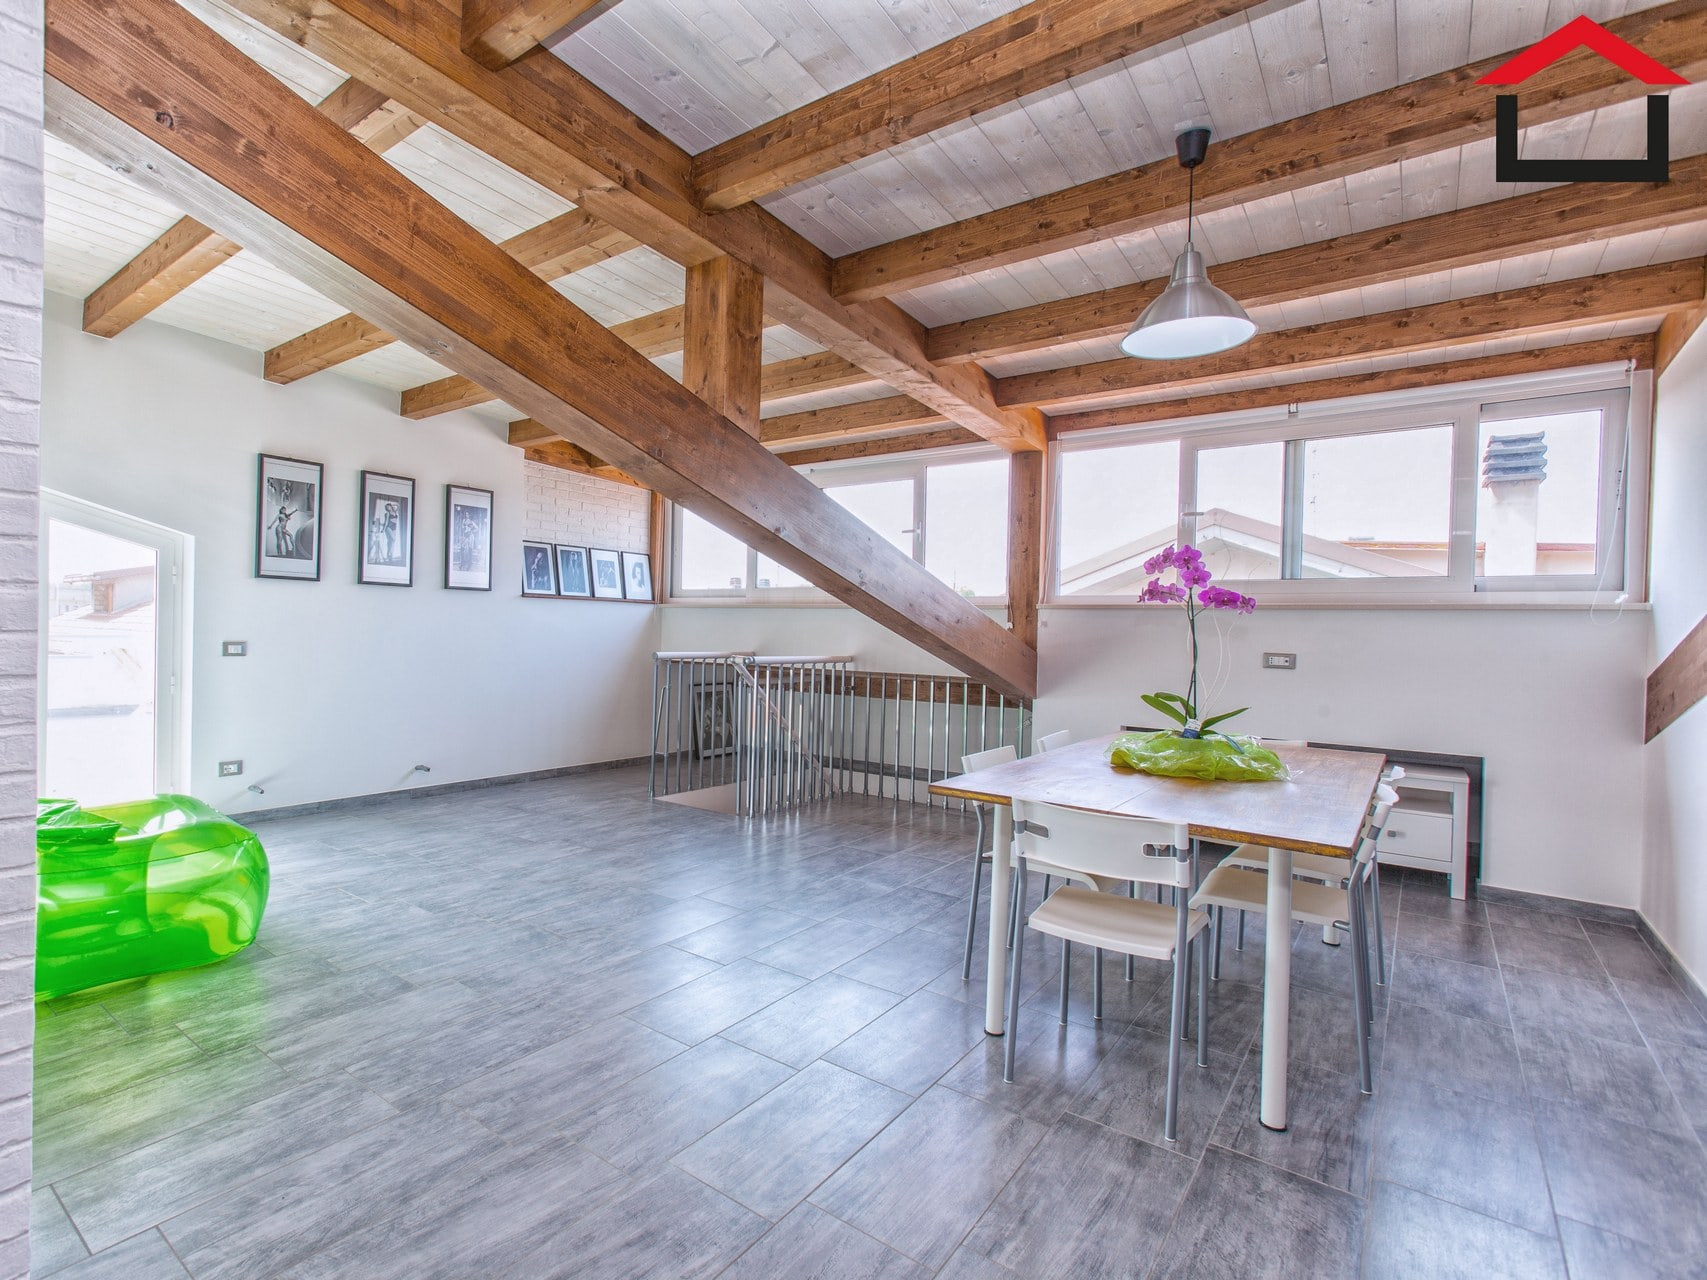 Tetto in legno posa nuovo tetto in legno with tetto in for Montaggio tetto in legno ventilato